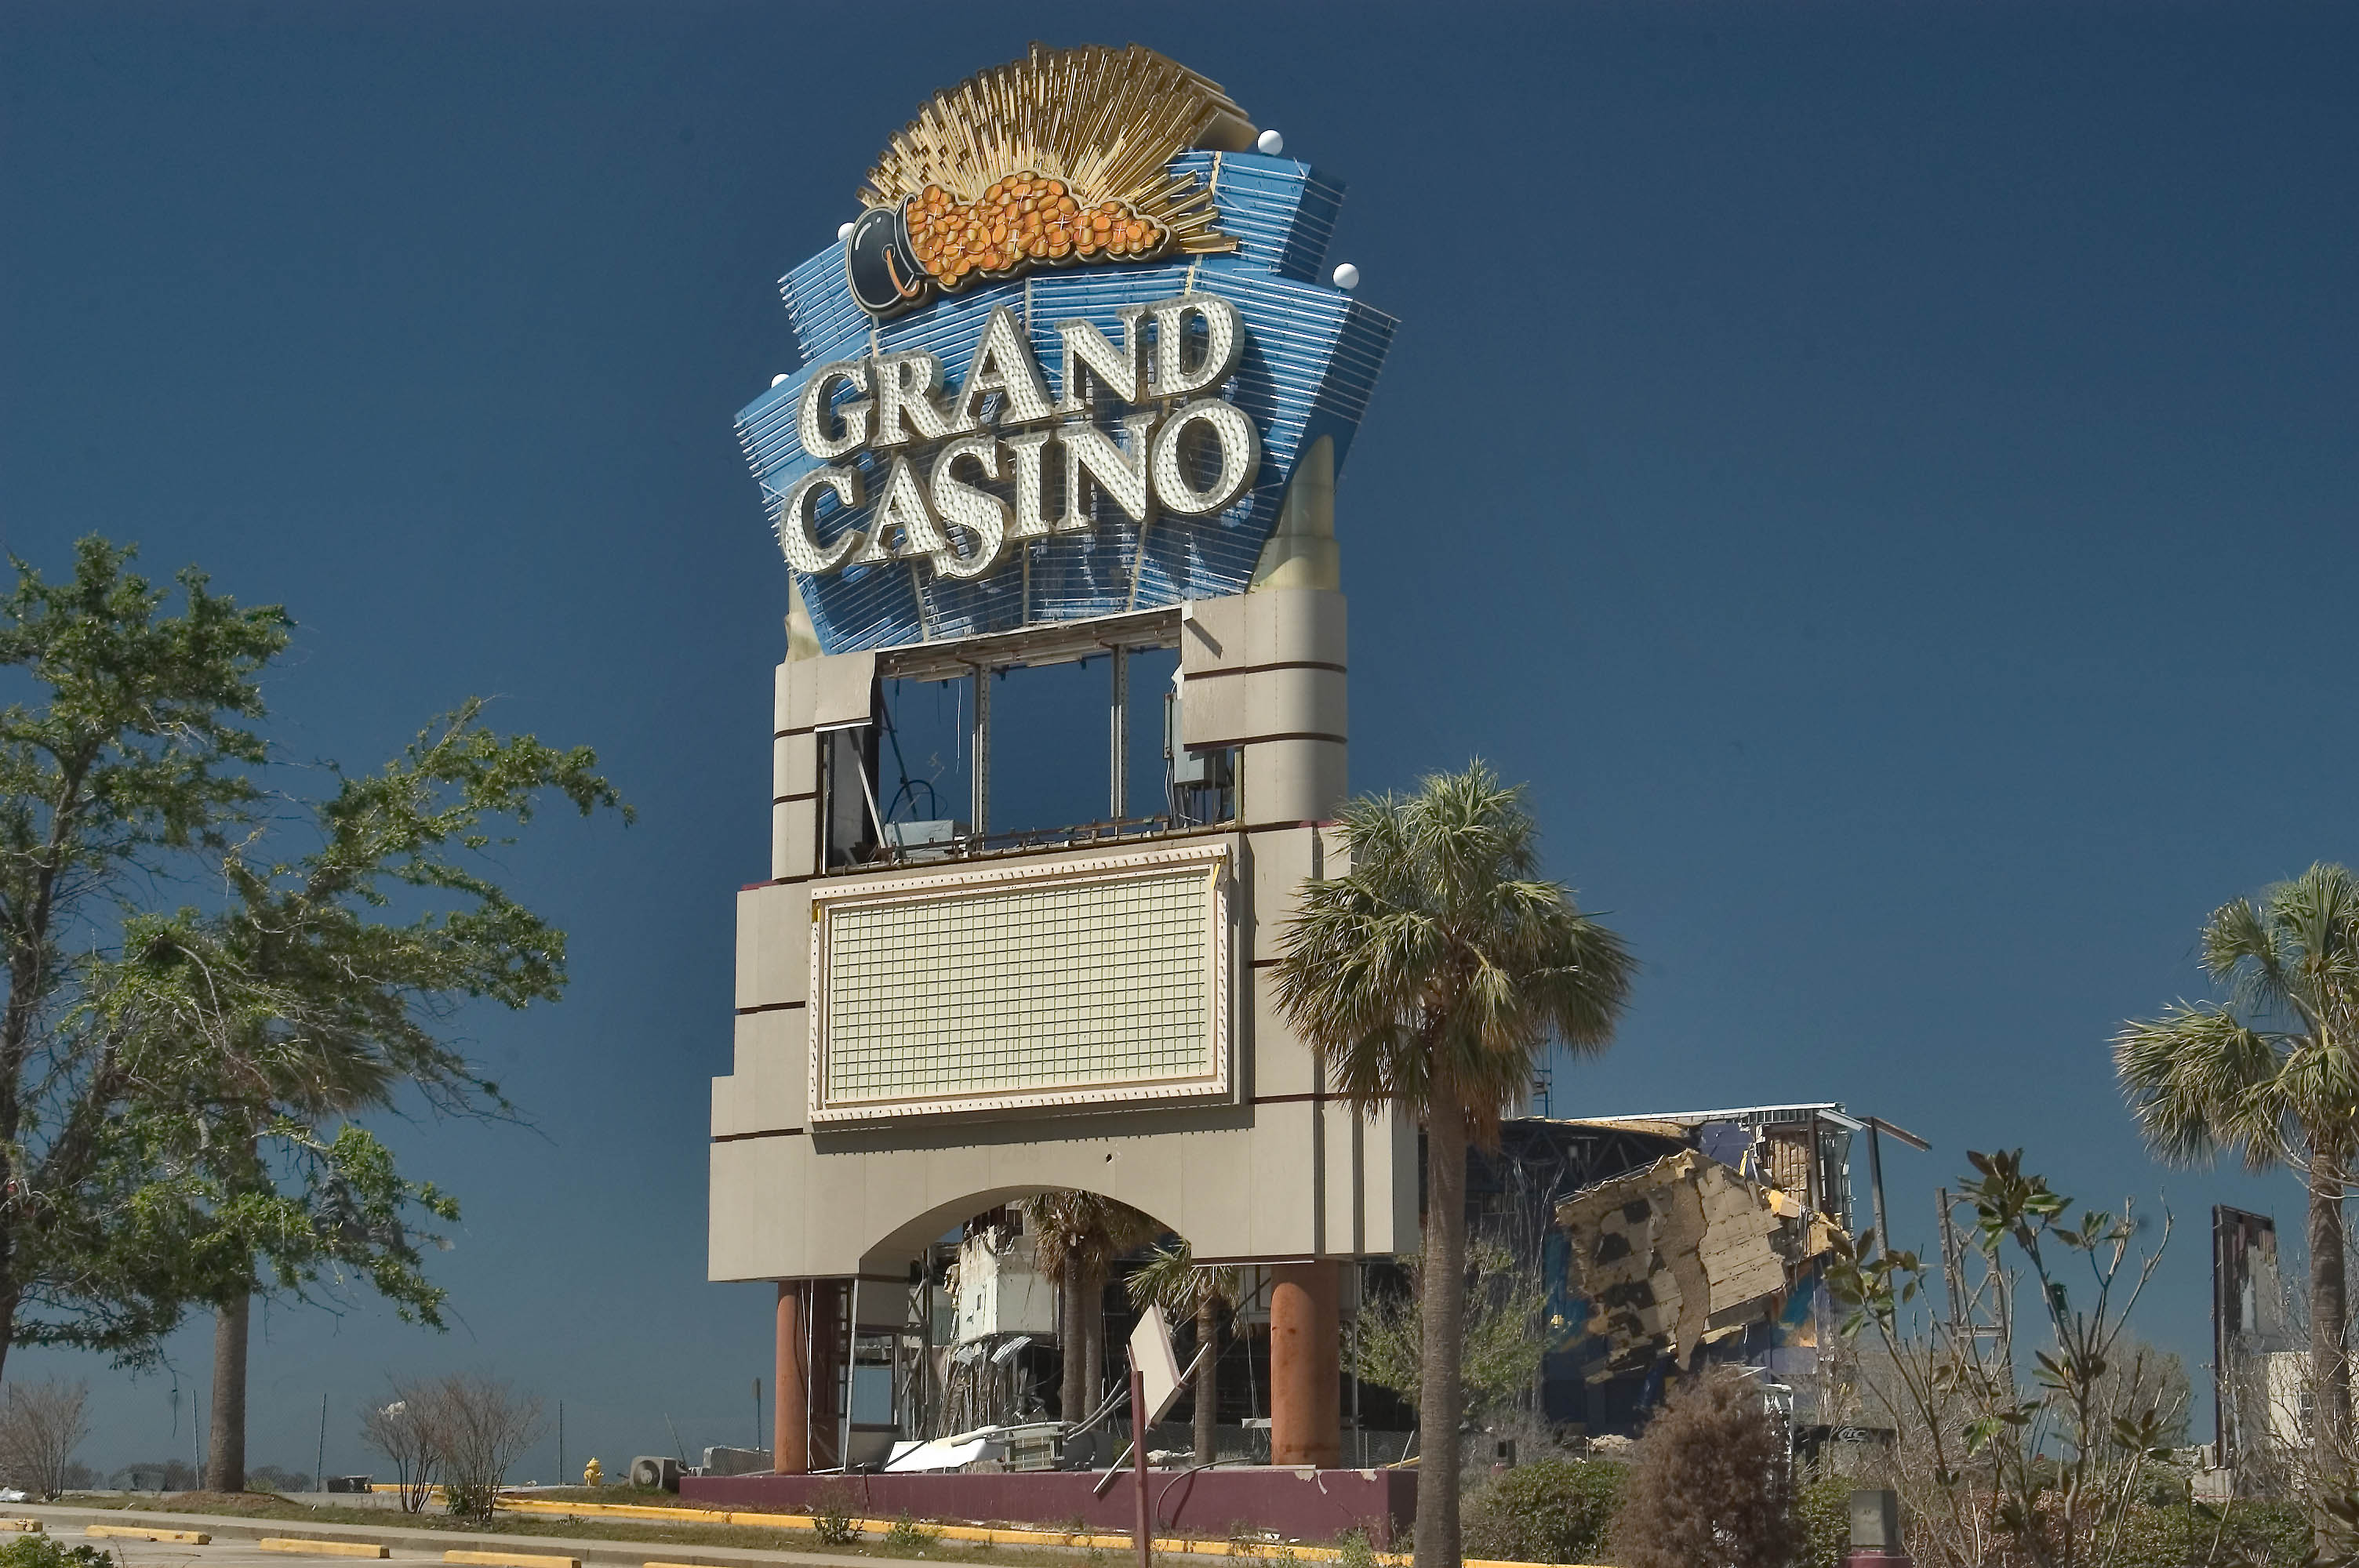 The Grand Casino Biloxi